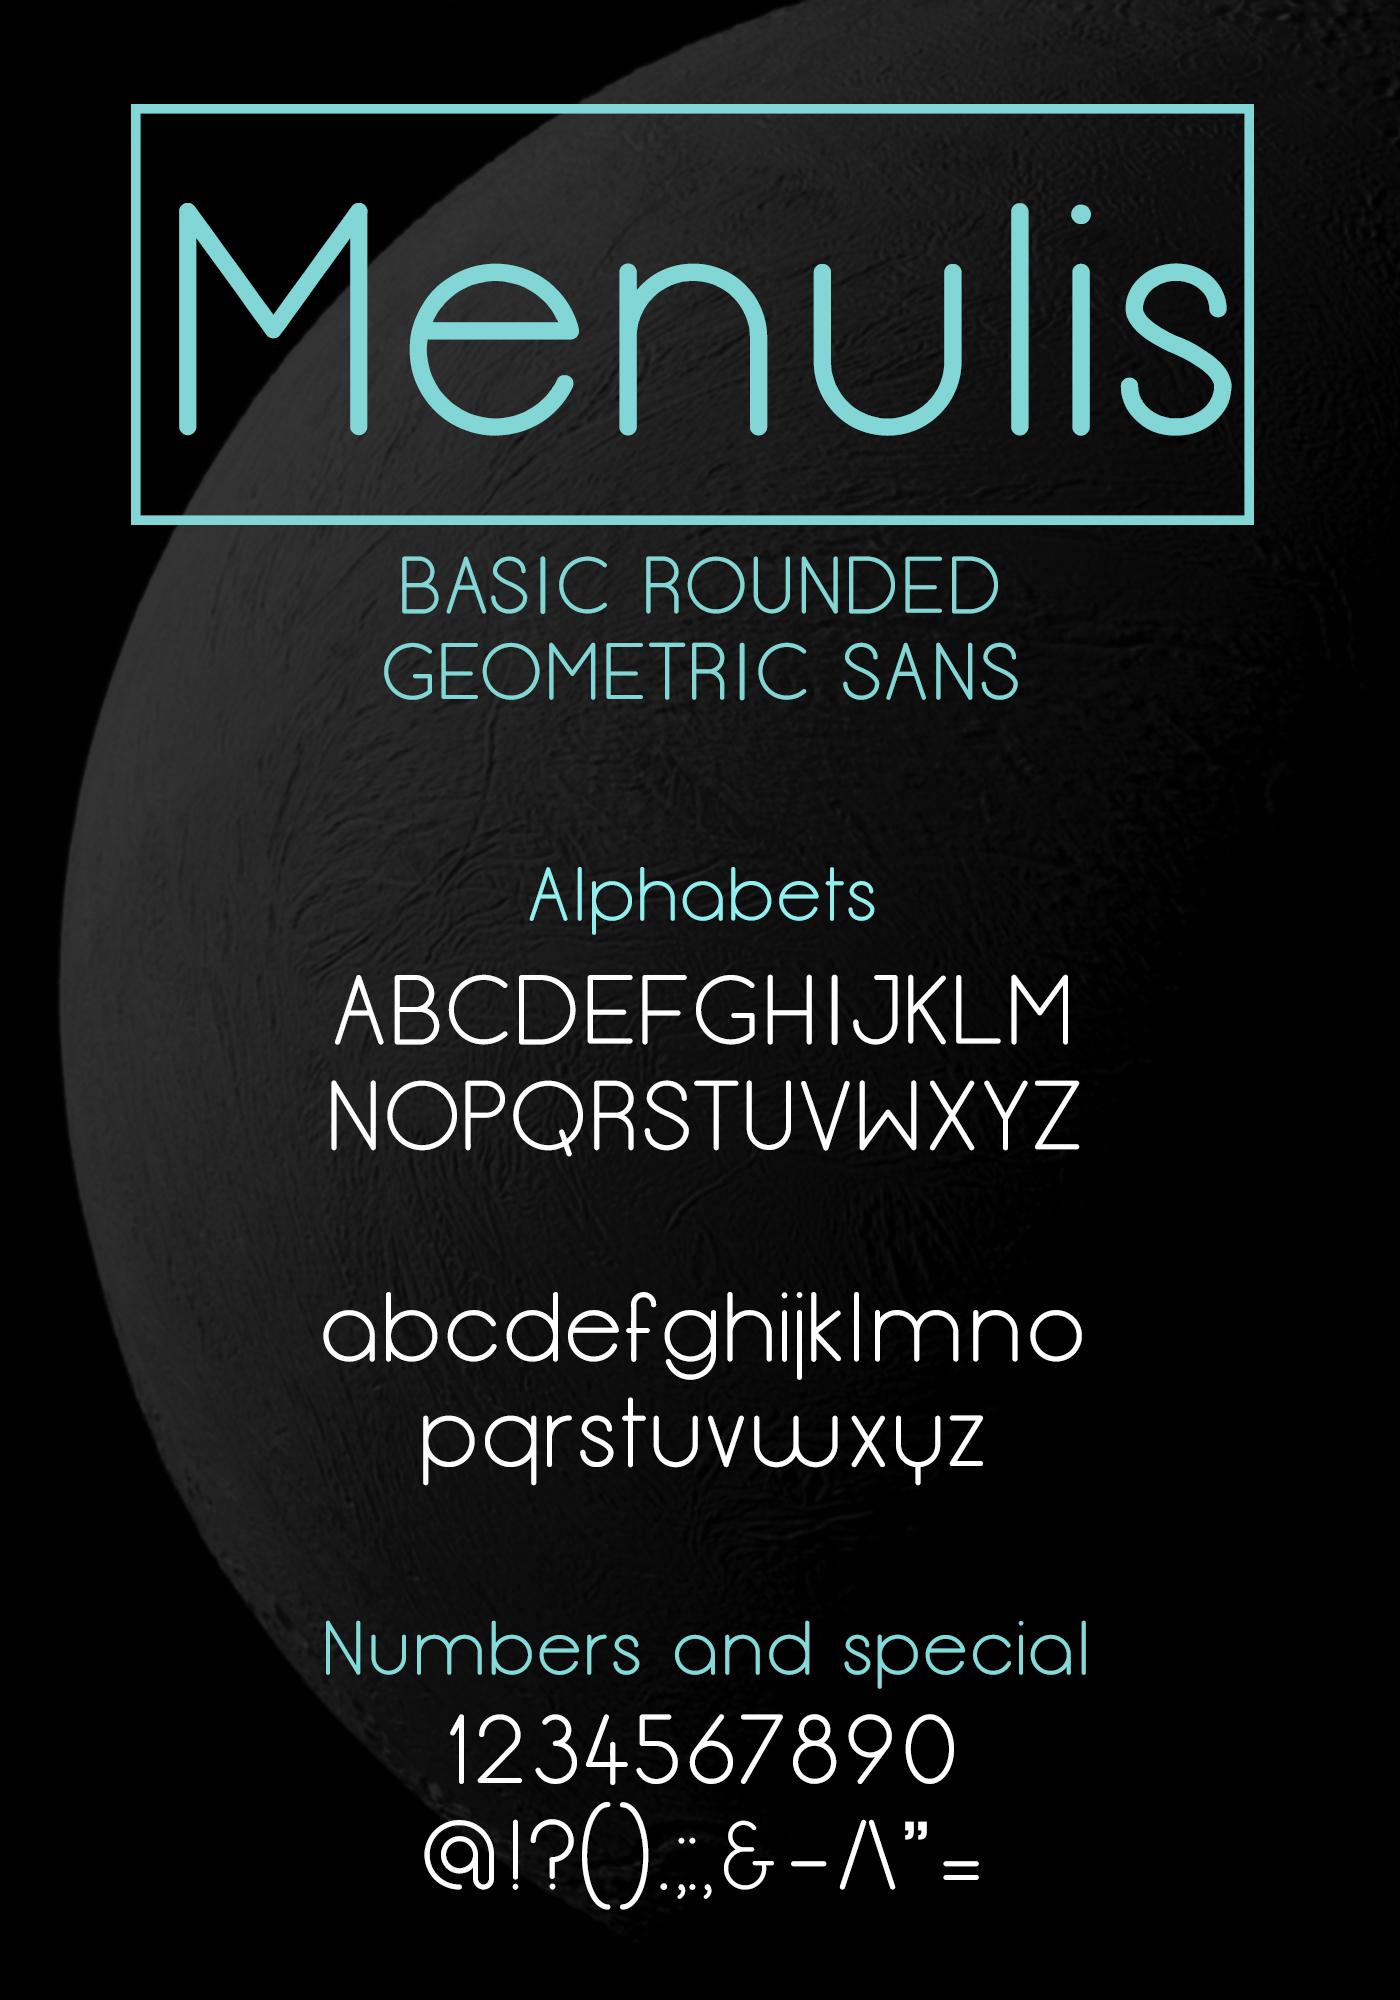 Menulis font